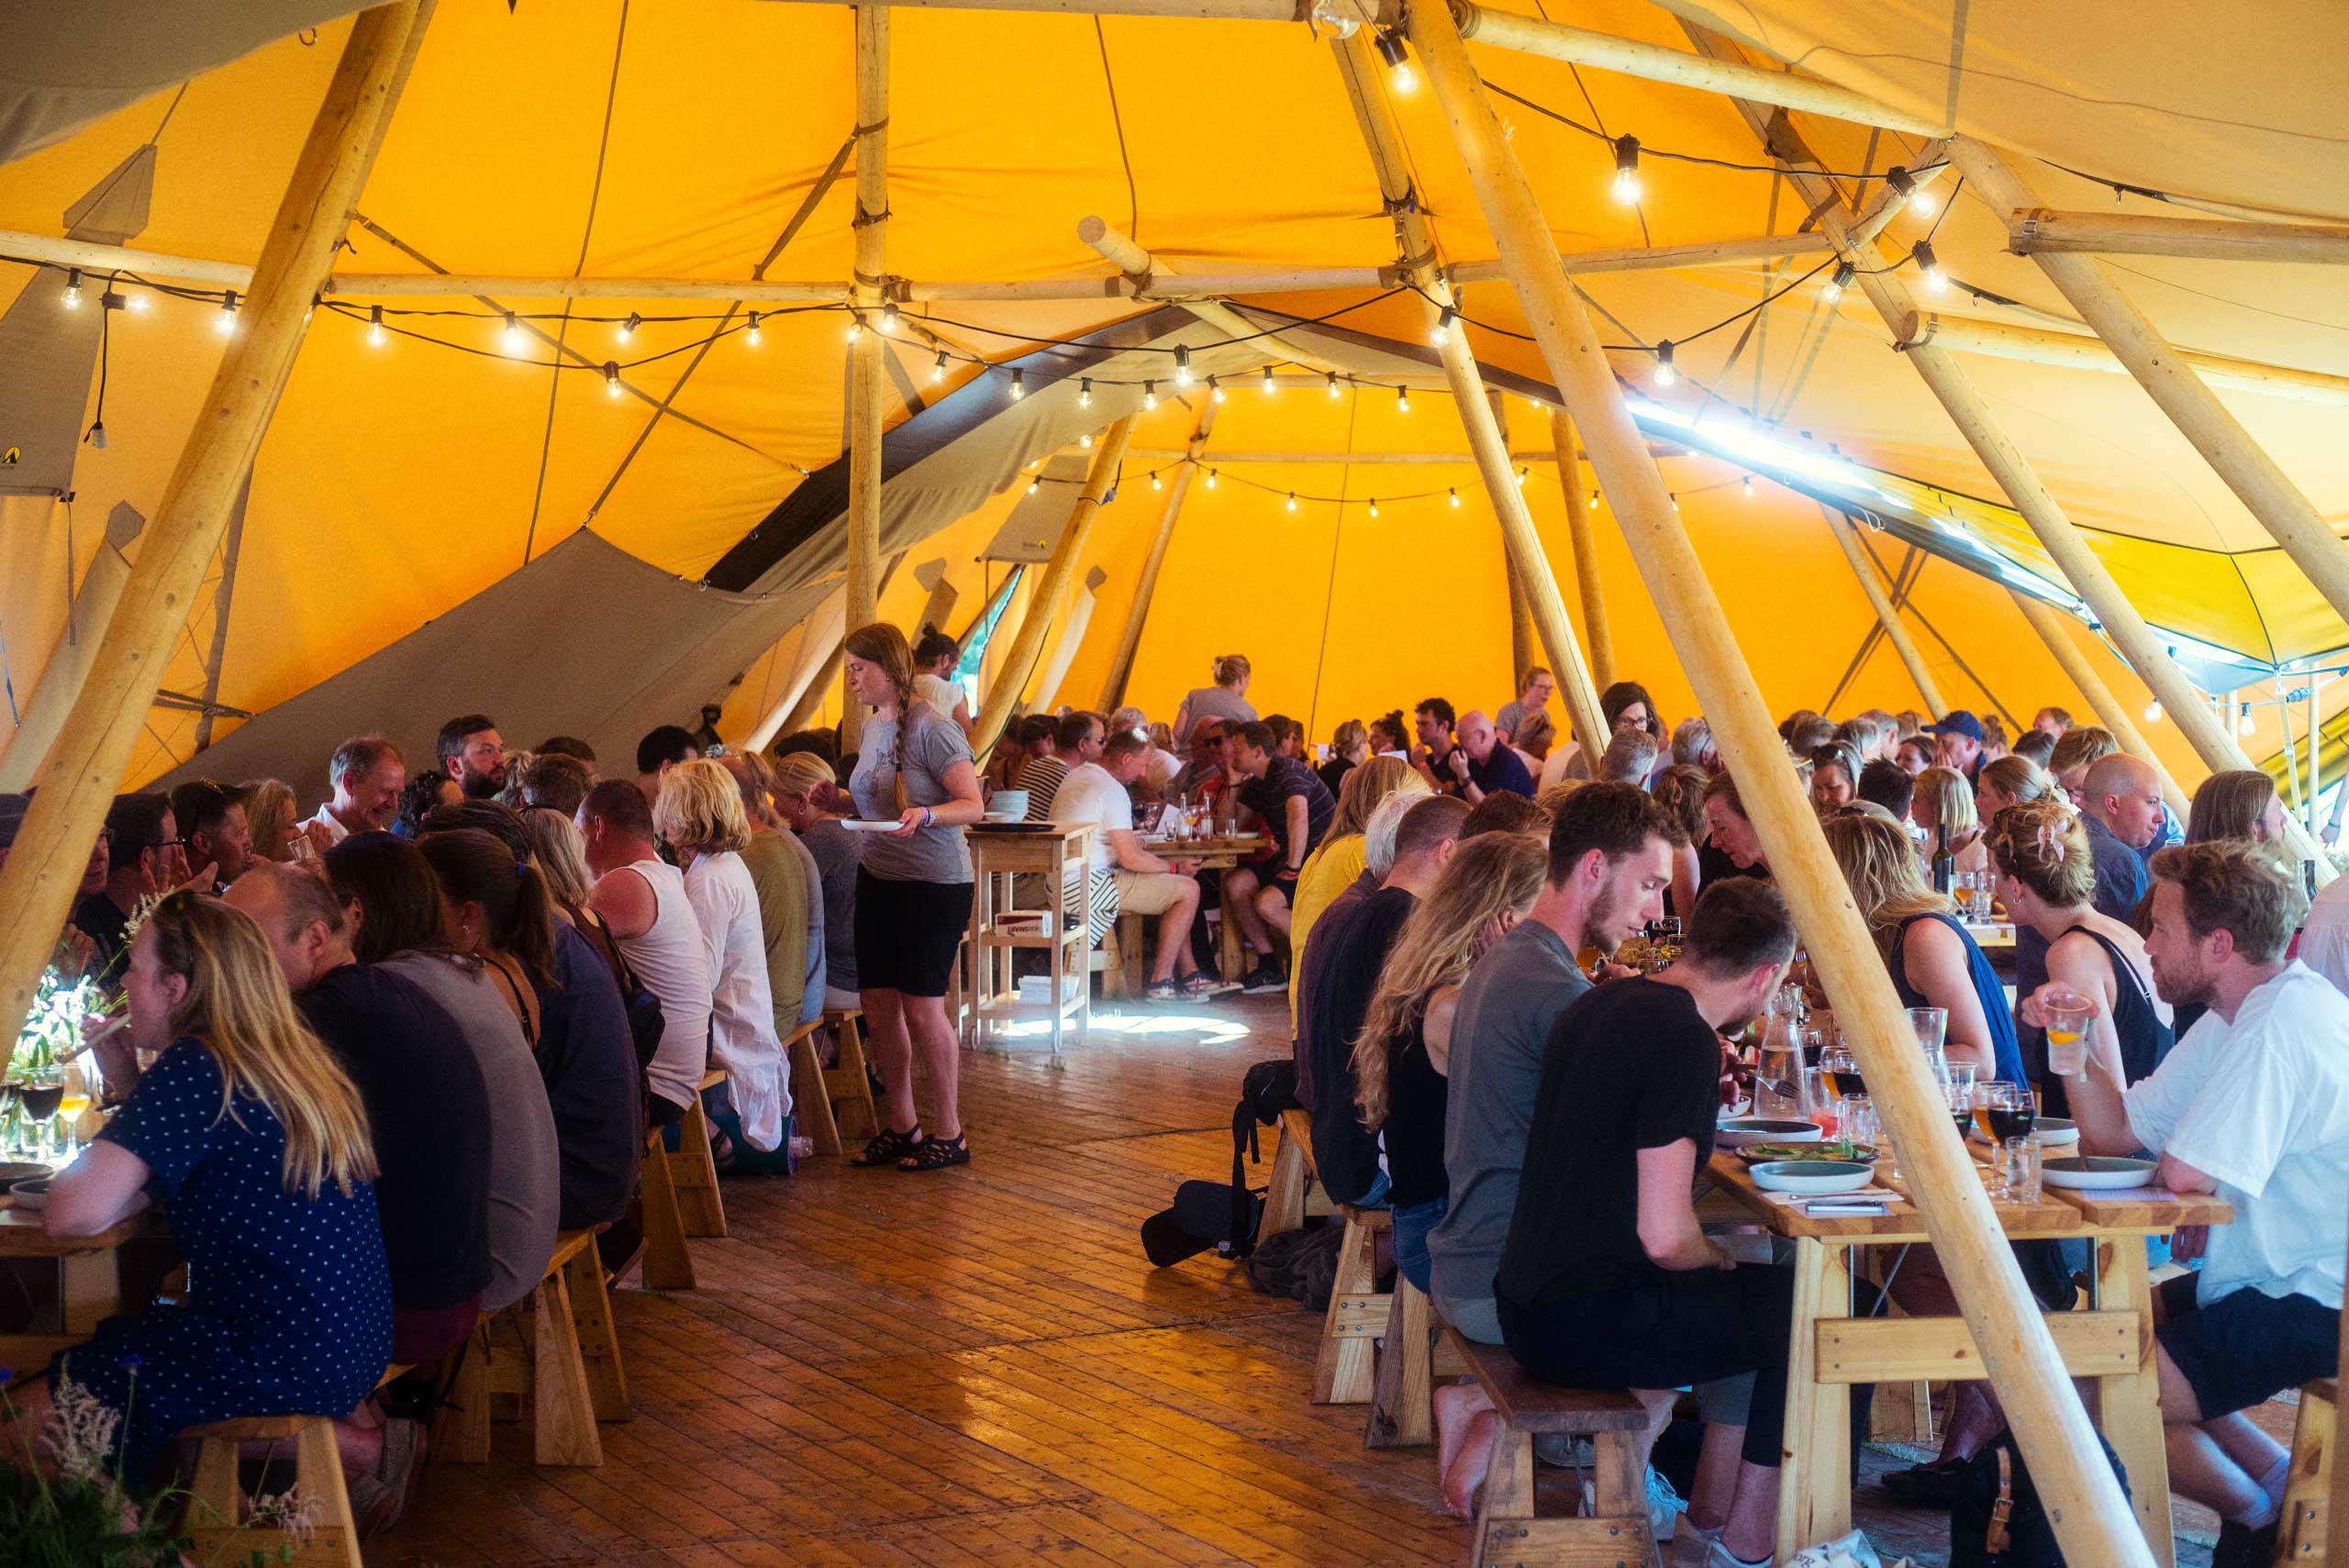 Økologisk mad og vin til konfirmation, barnedåb og meget mere hos os eller som catering fra Puglisi Events.